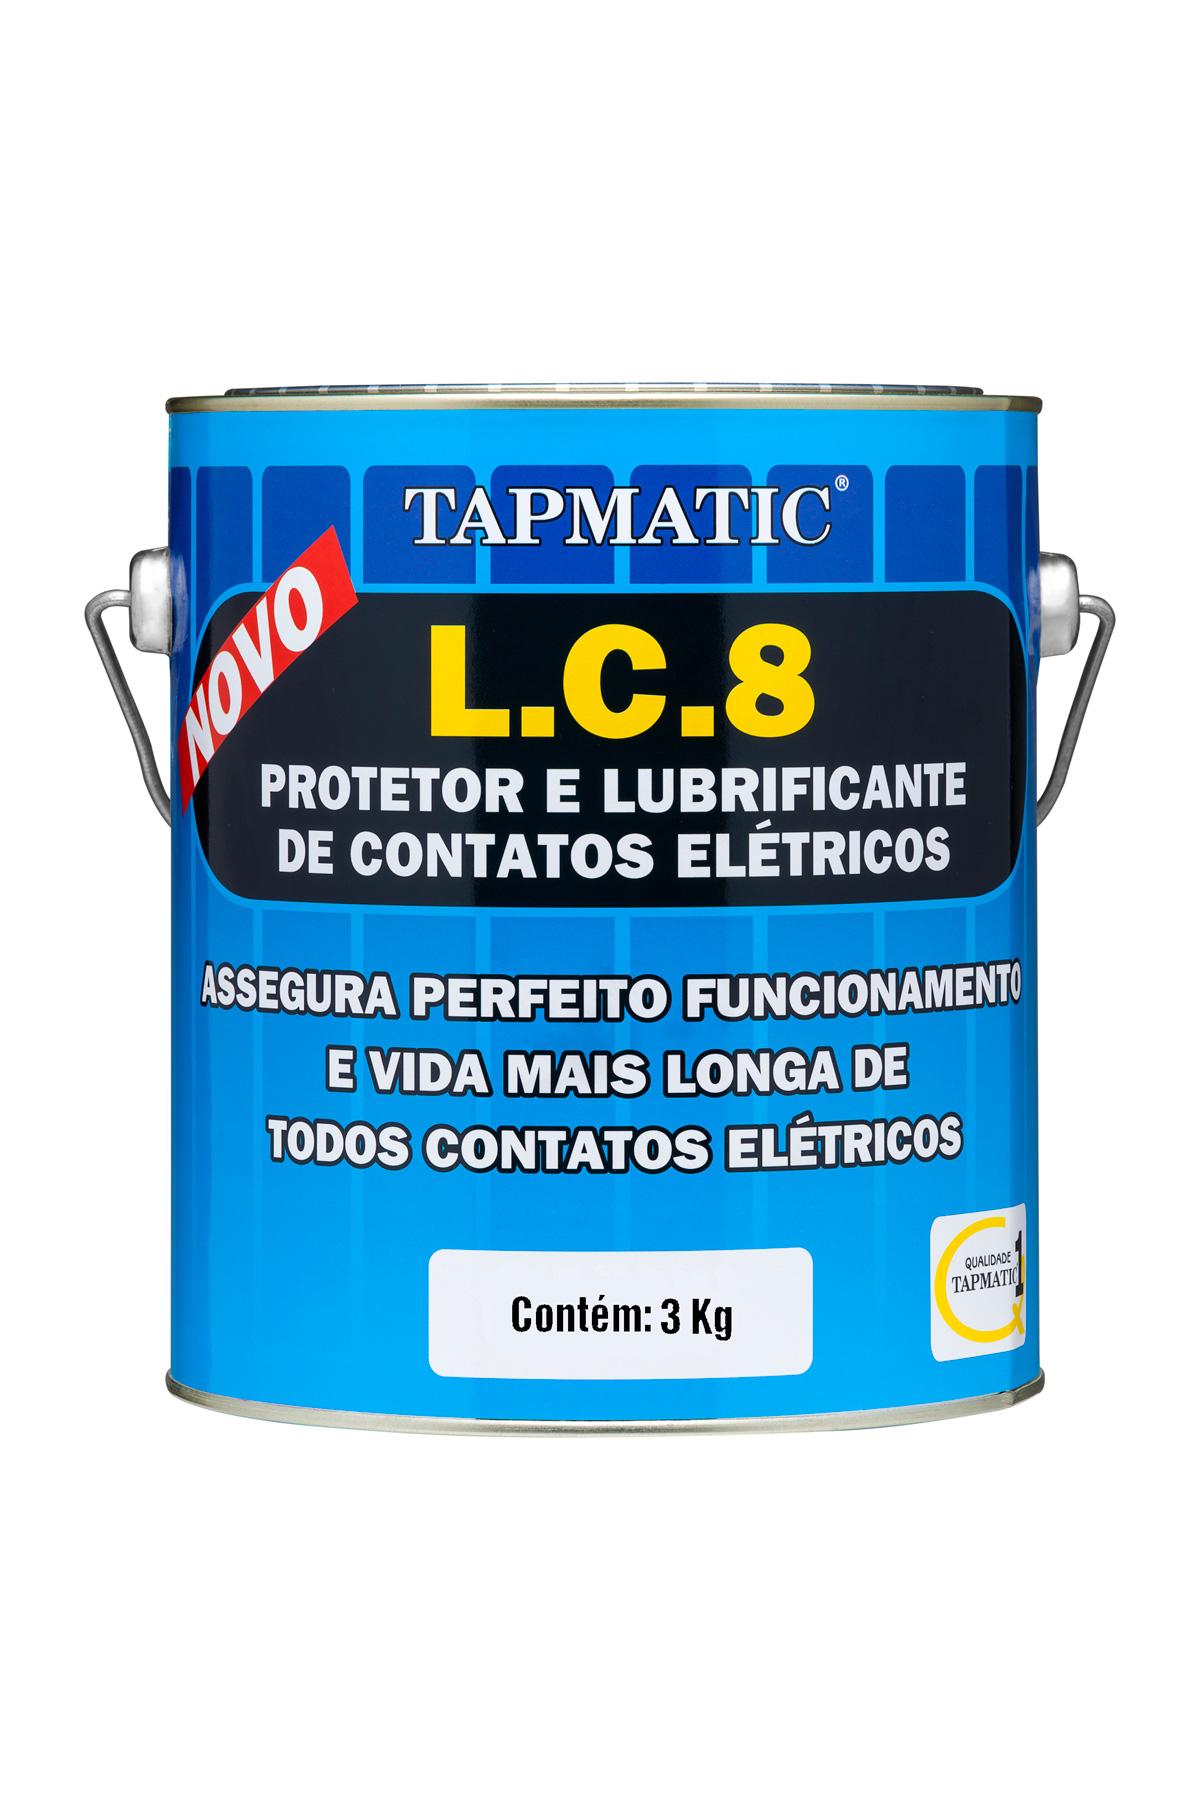 Protetor e Lubrificante de Contatos Elétricos L.C.8